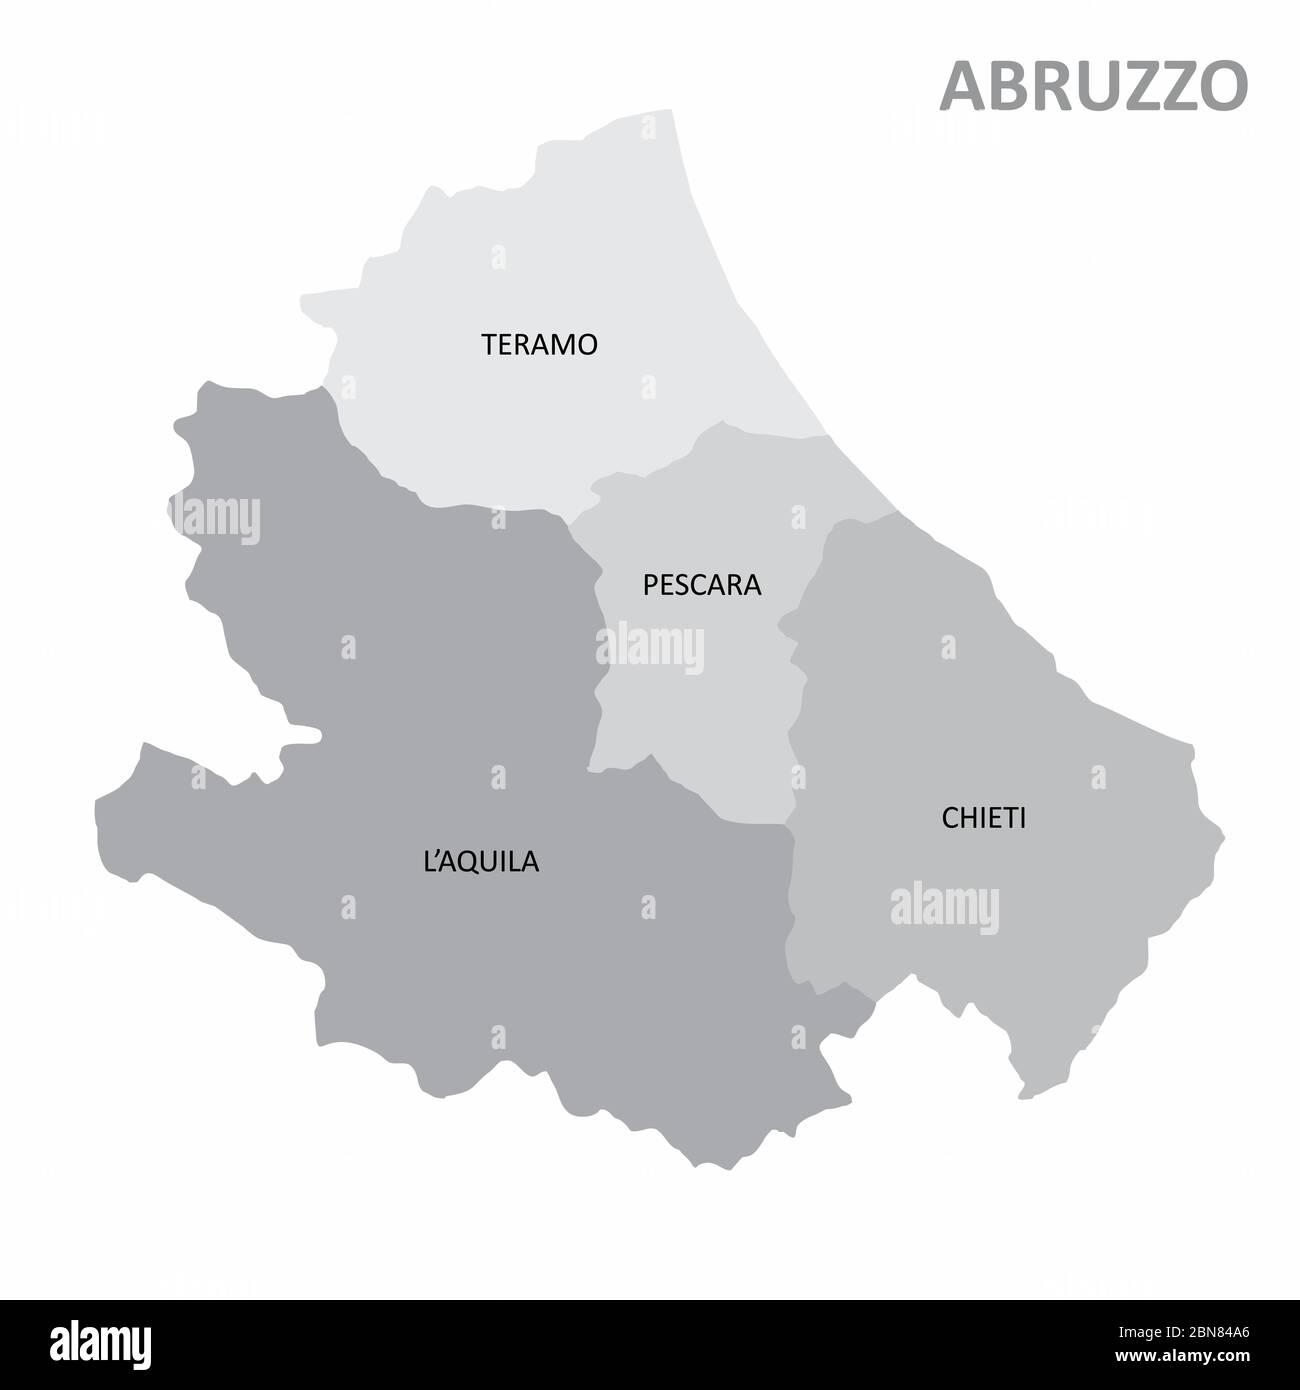 Cartina Abruzzo Umbria.Mappa Della Regione Abruzzo Immagini E Fotos Stock Alamy